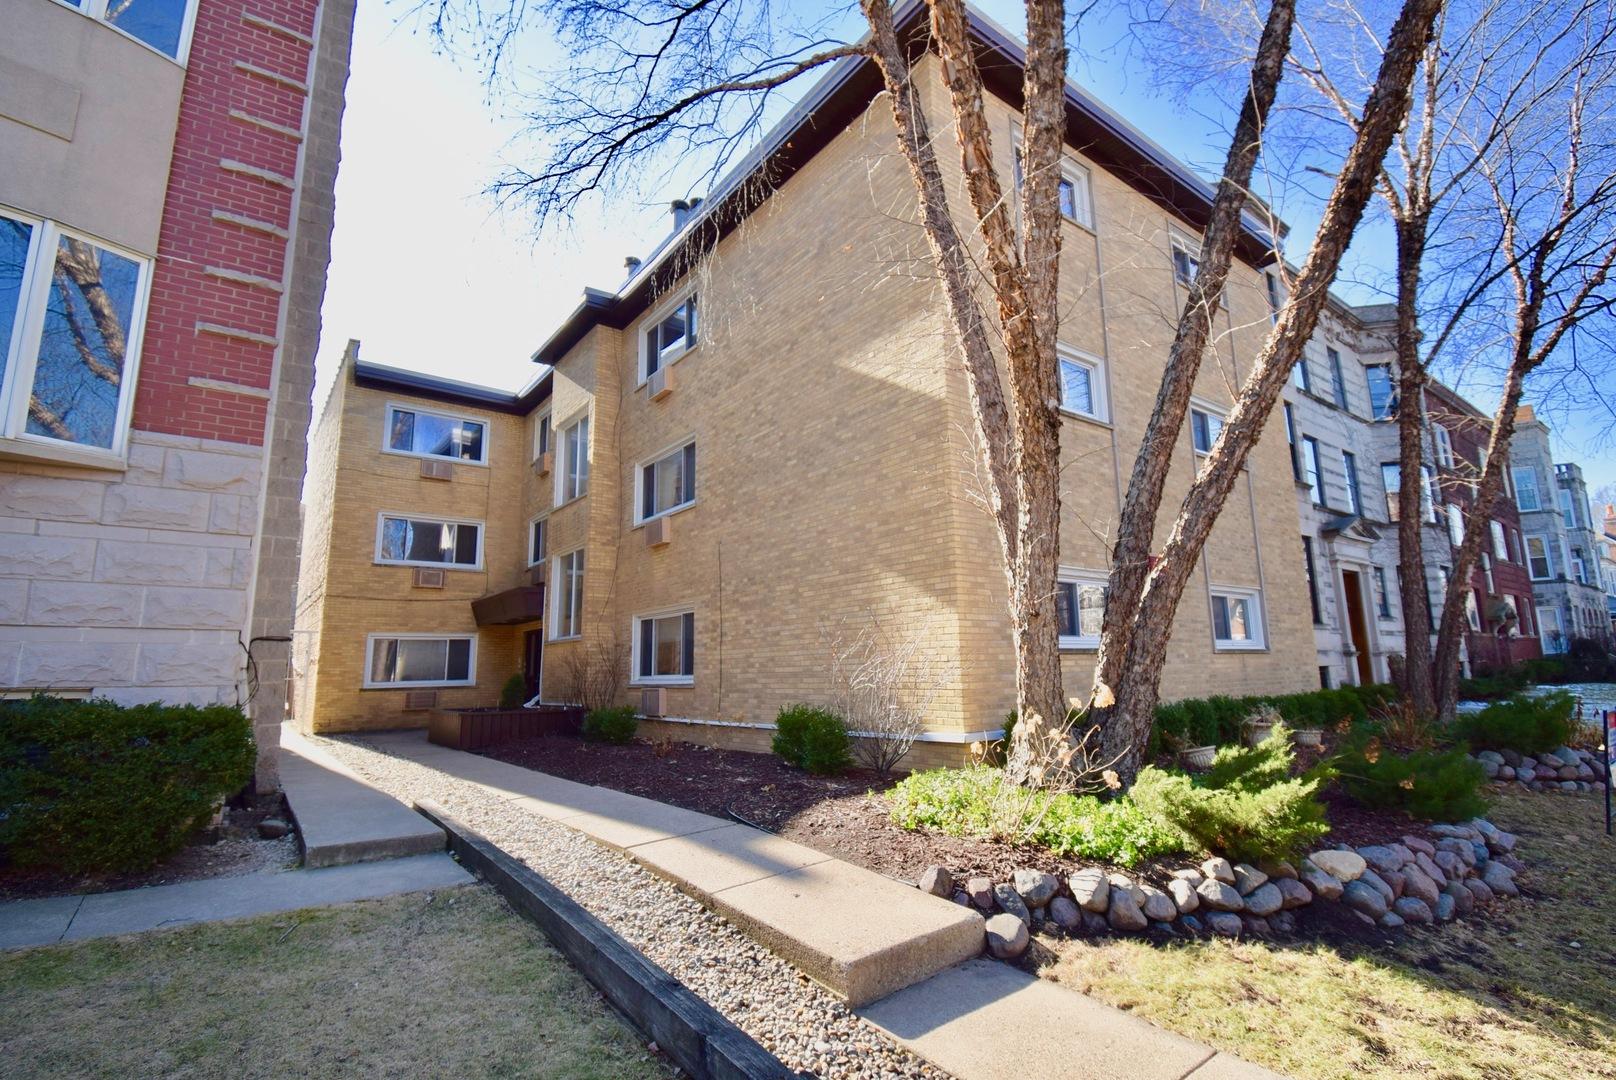 1439 Belle Plaine Unit Unit 1 ,Chicago, Illinois 60613